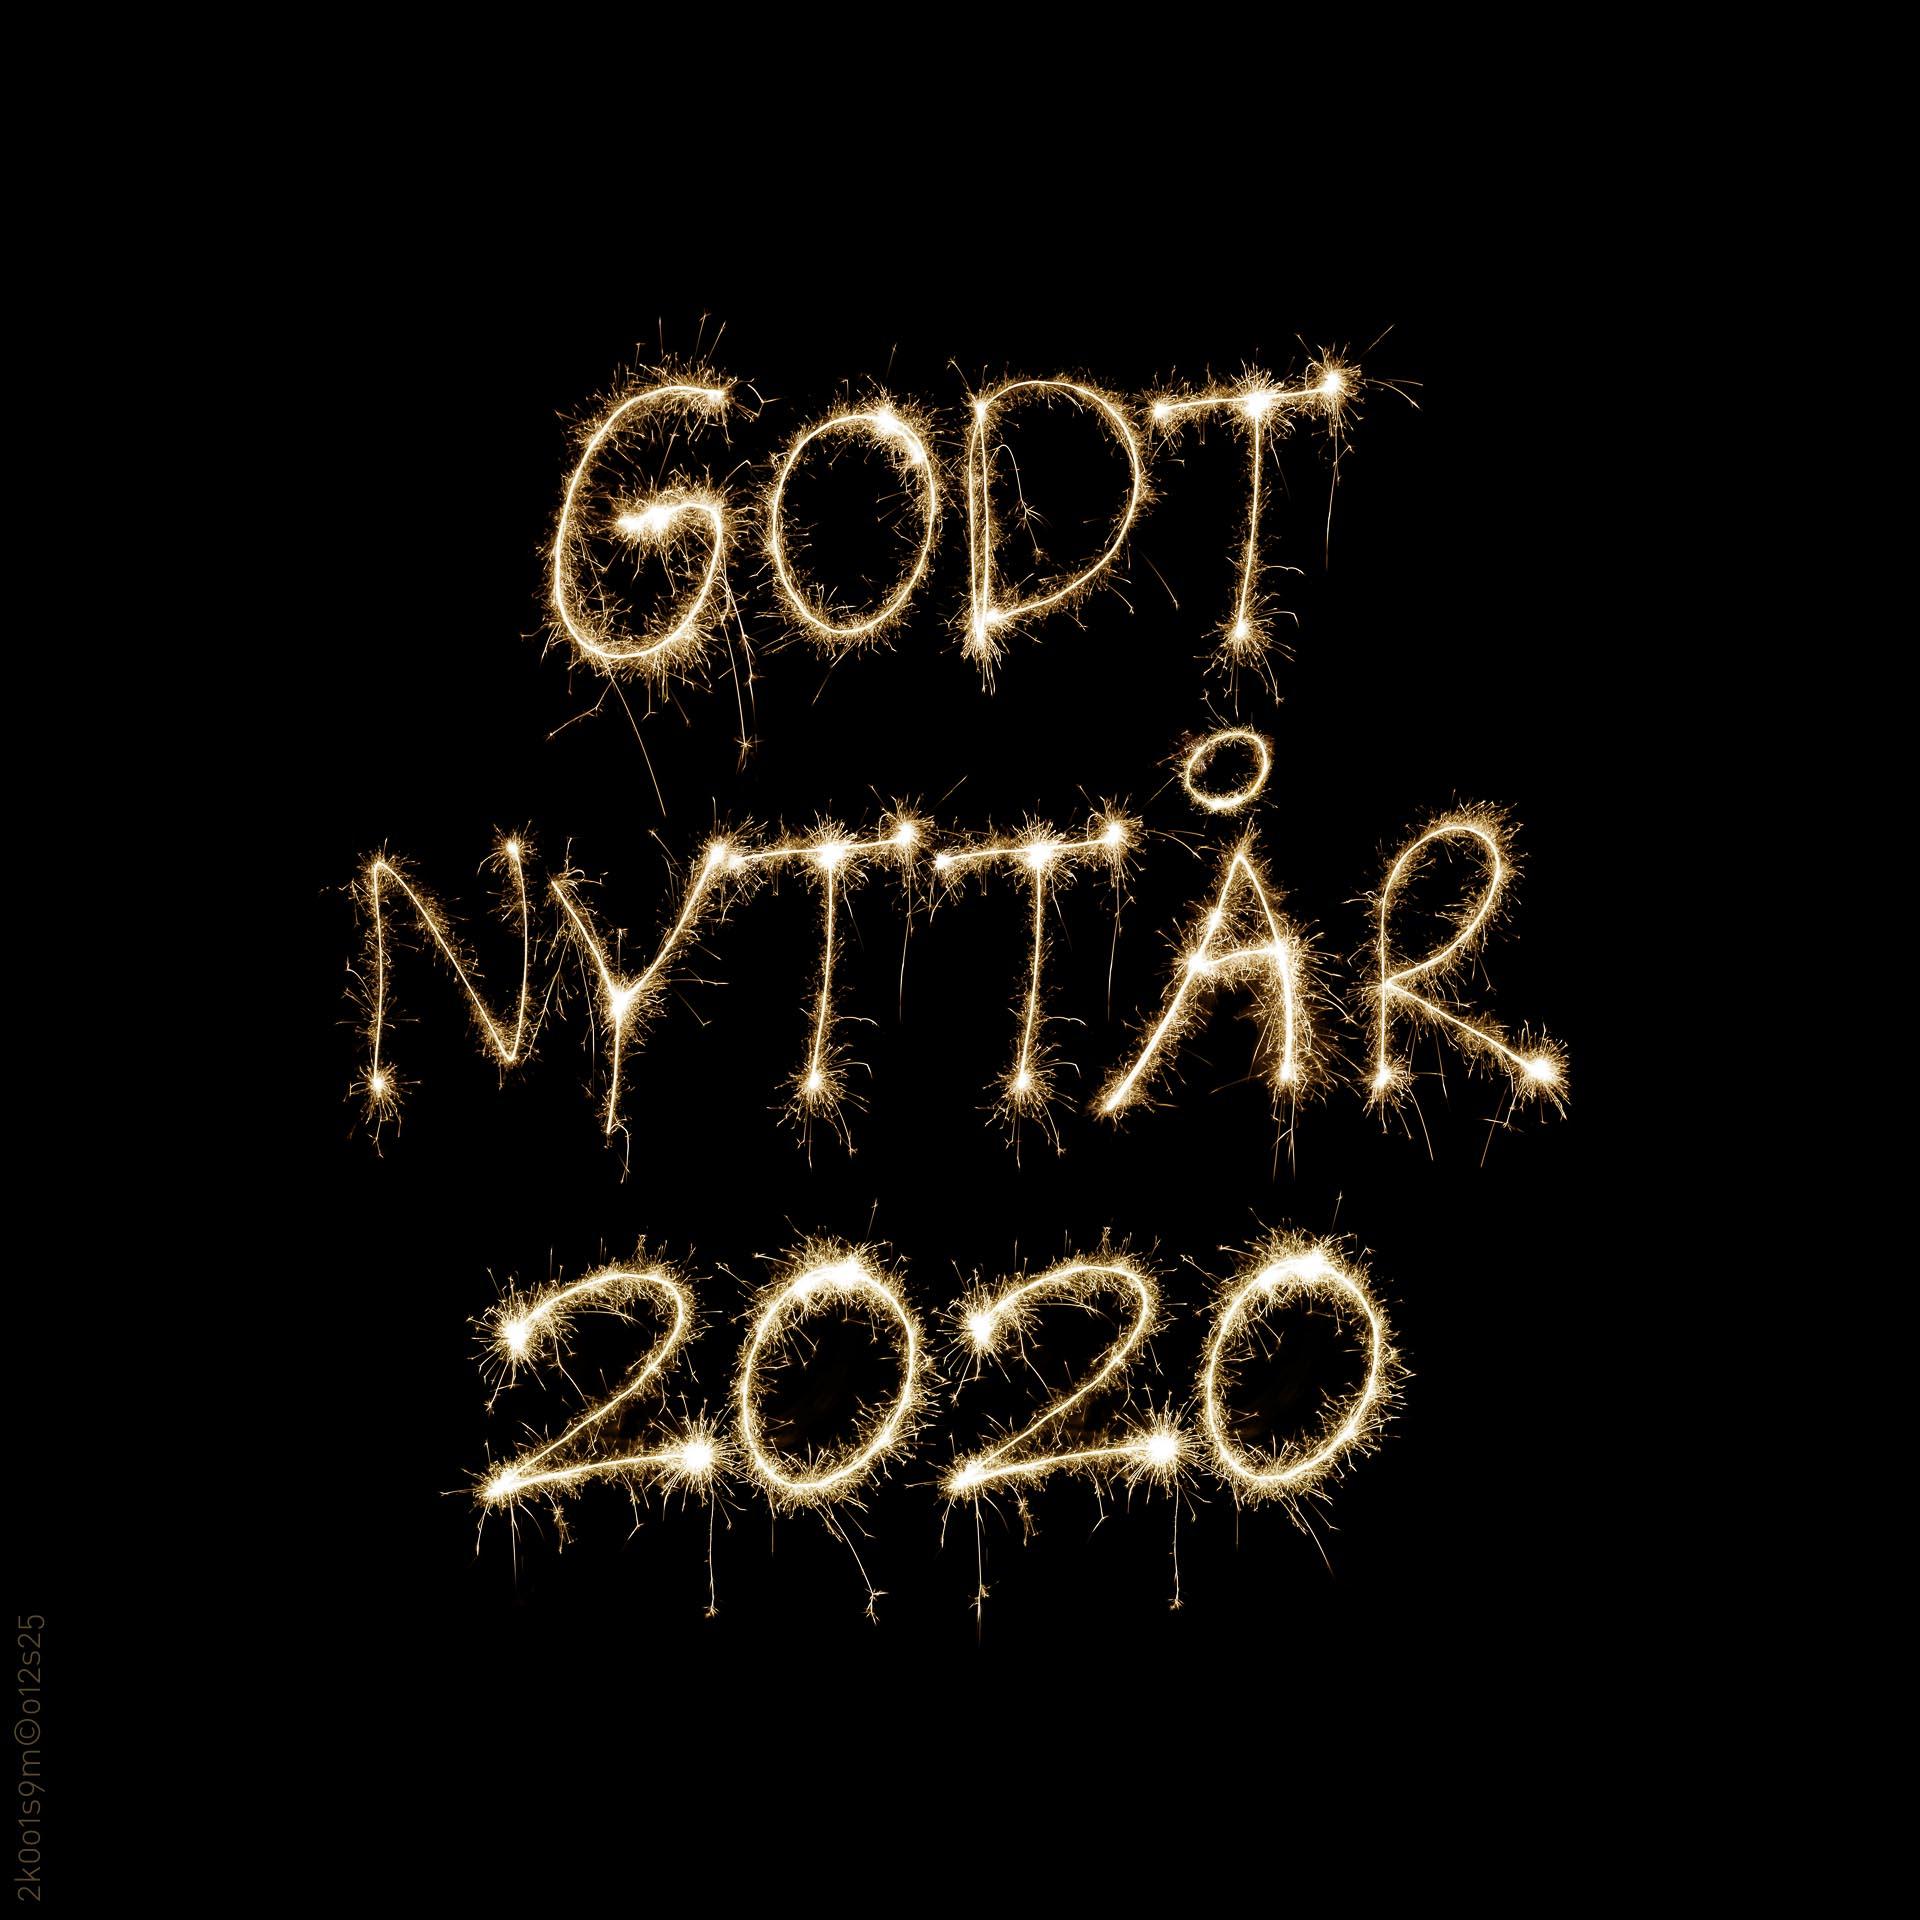 Godt nytt år-hilsen for år 2020, skrevet med stjernefyrstikk.